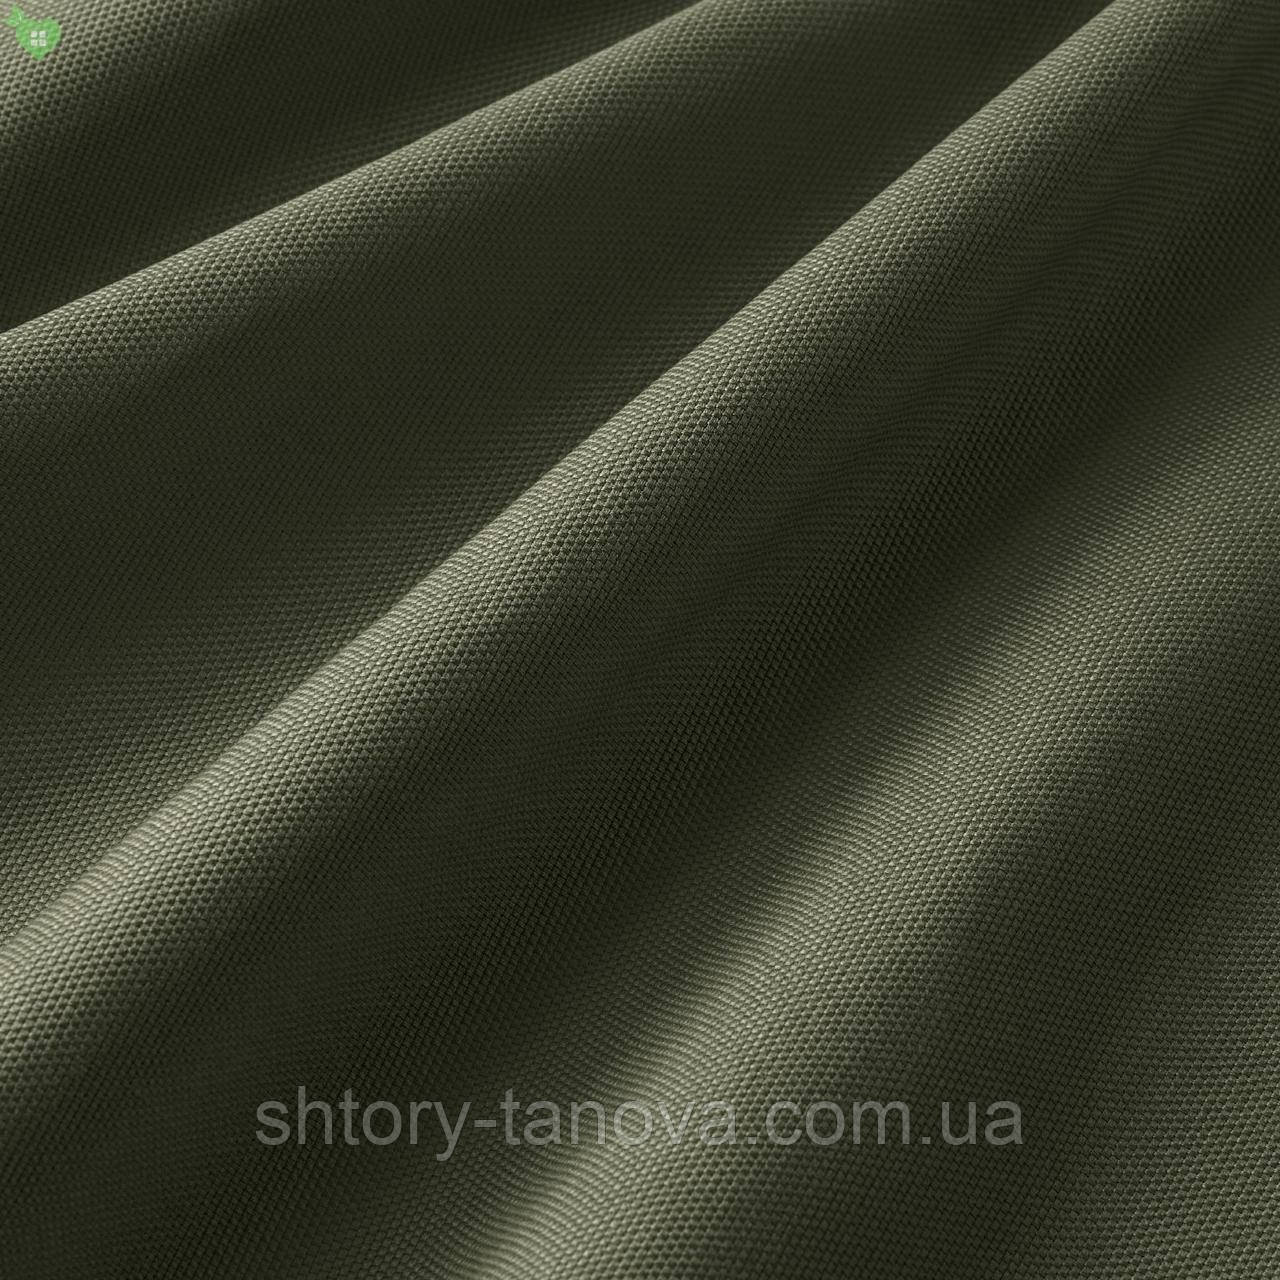 Вулична фактурна тканина темно-сірого кольору з тефлоновим просоченням